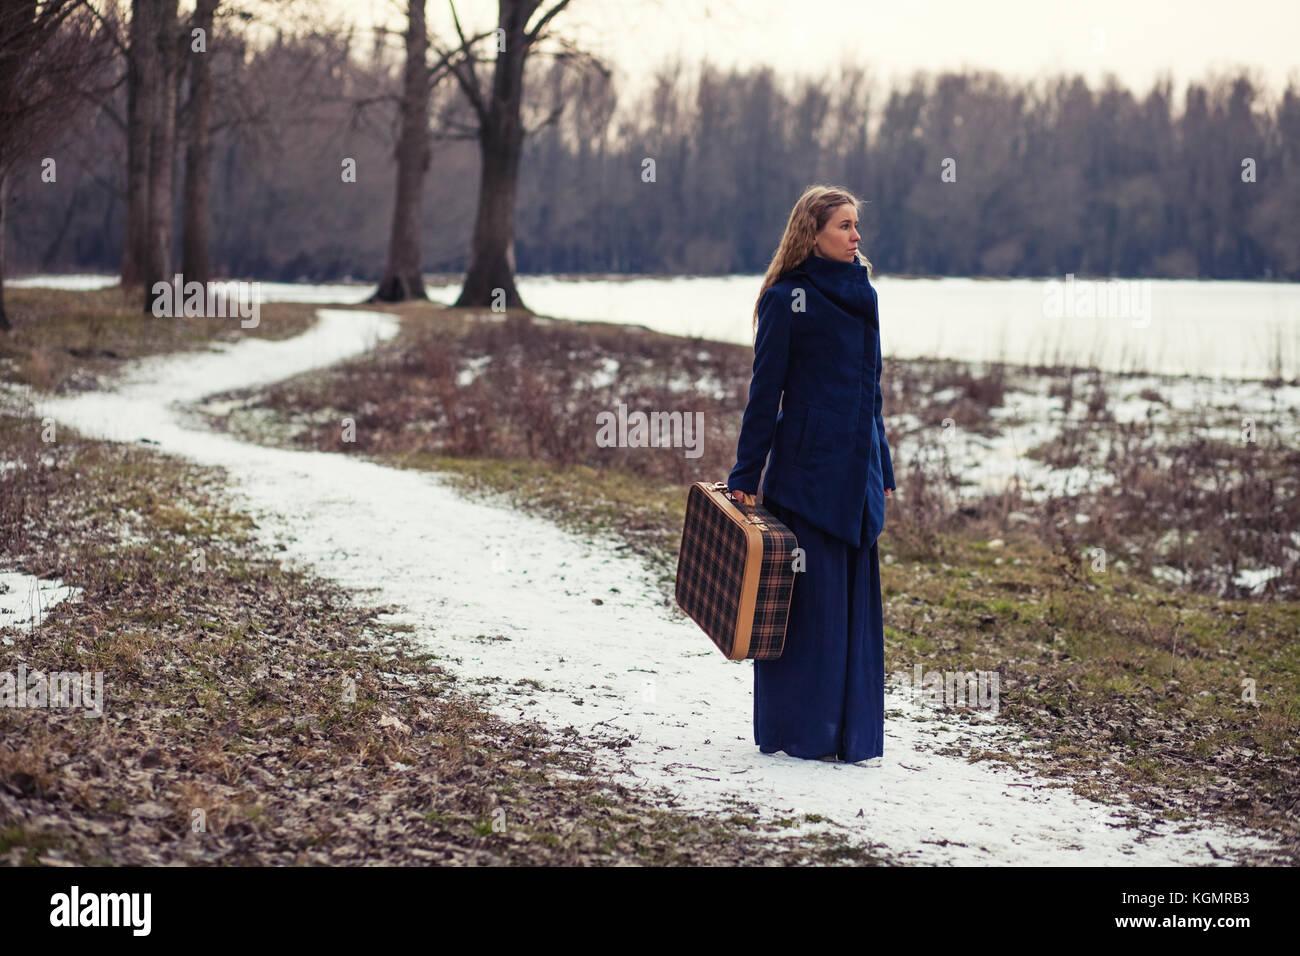 Donna che cammina nella foresta con la vecchia valigia Immagini Stock